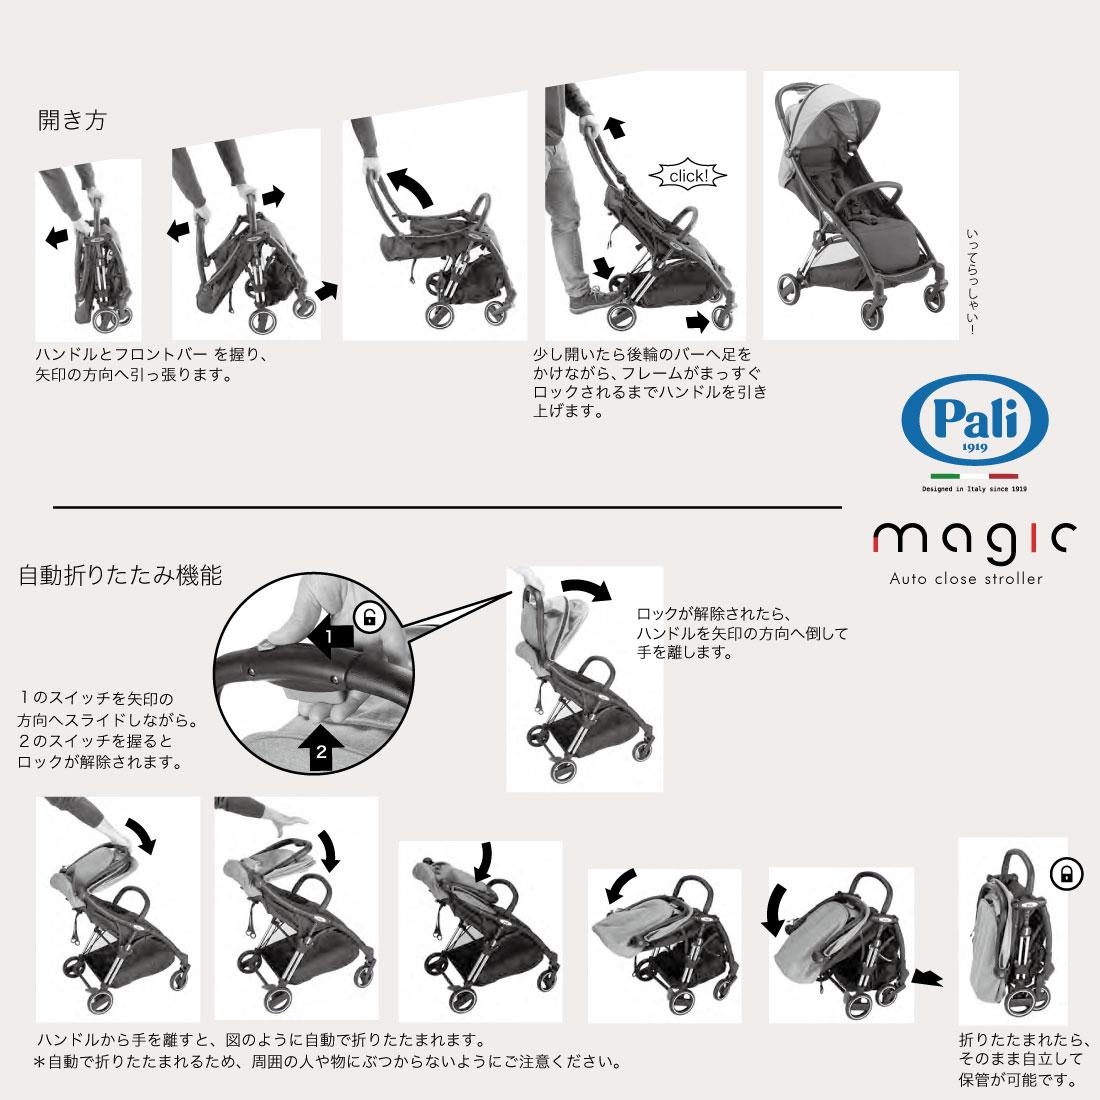 Pali/パーリオートクローズストローラーmagicAutoclosestroller/マジック/ベビーカー/乳母車/ベビーバギー/A型